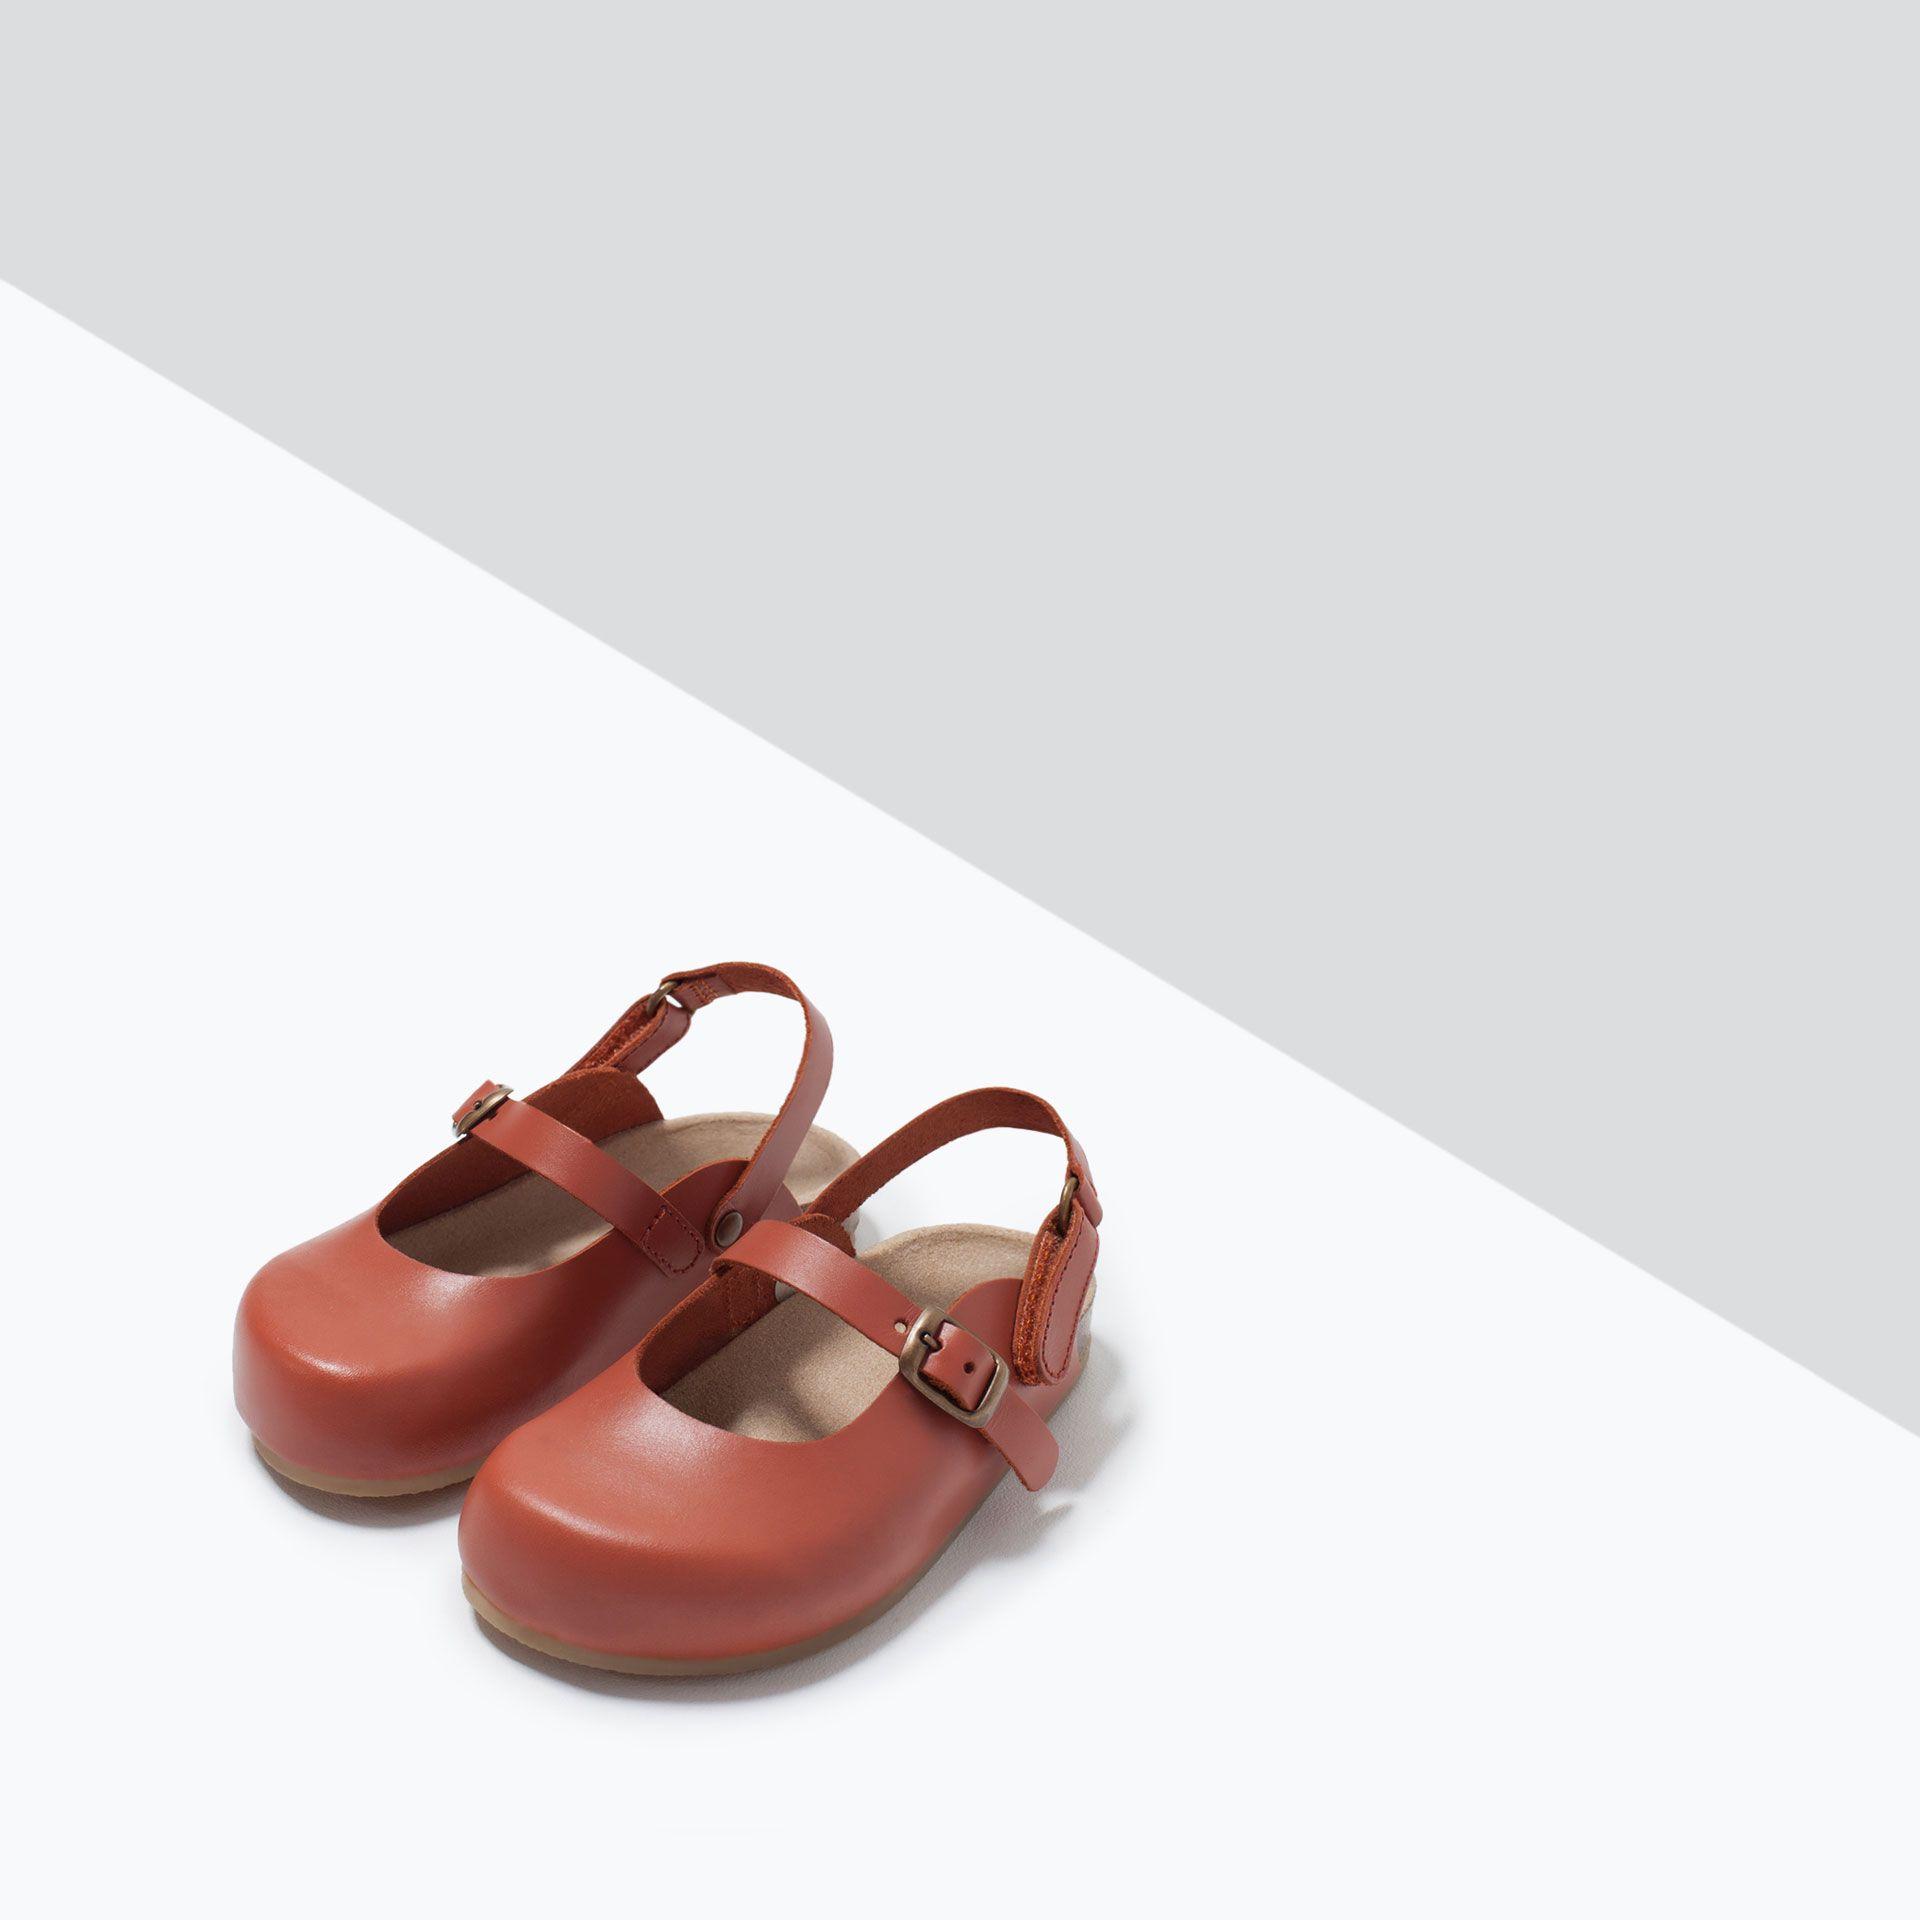 ZUECO PIEL DETALLE HEBILLA - Zapatos - Bebé niña (3 meses ...